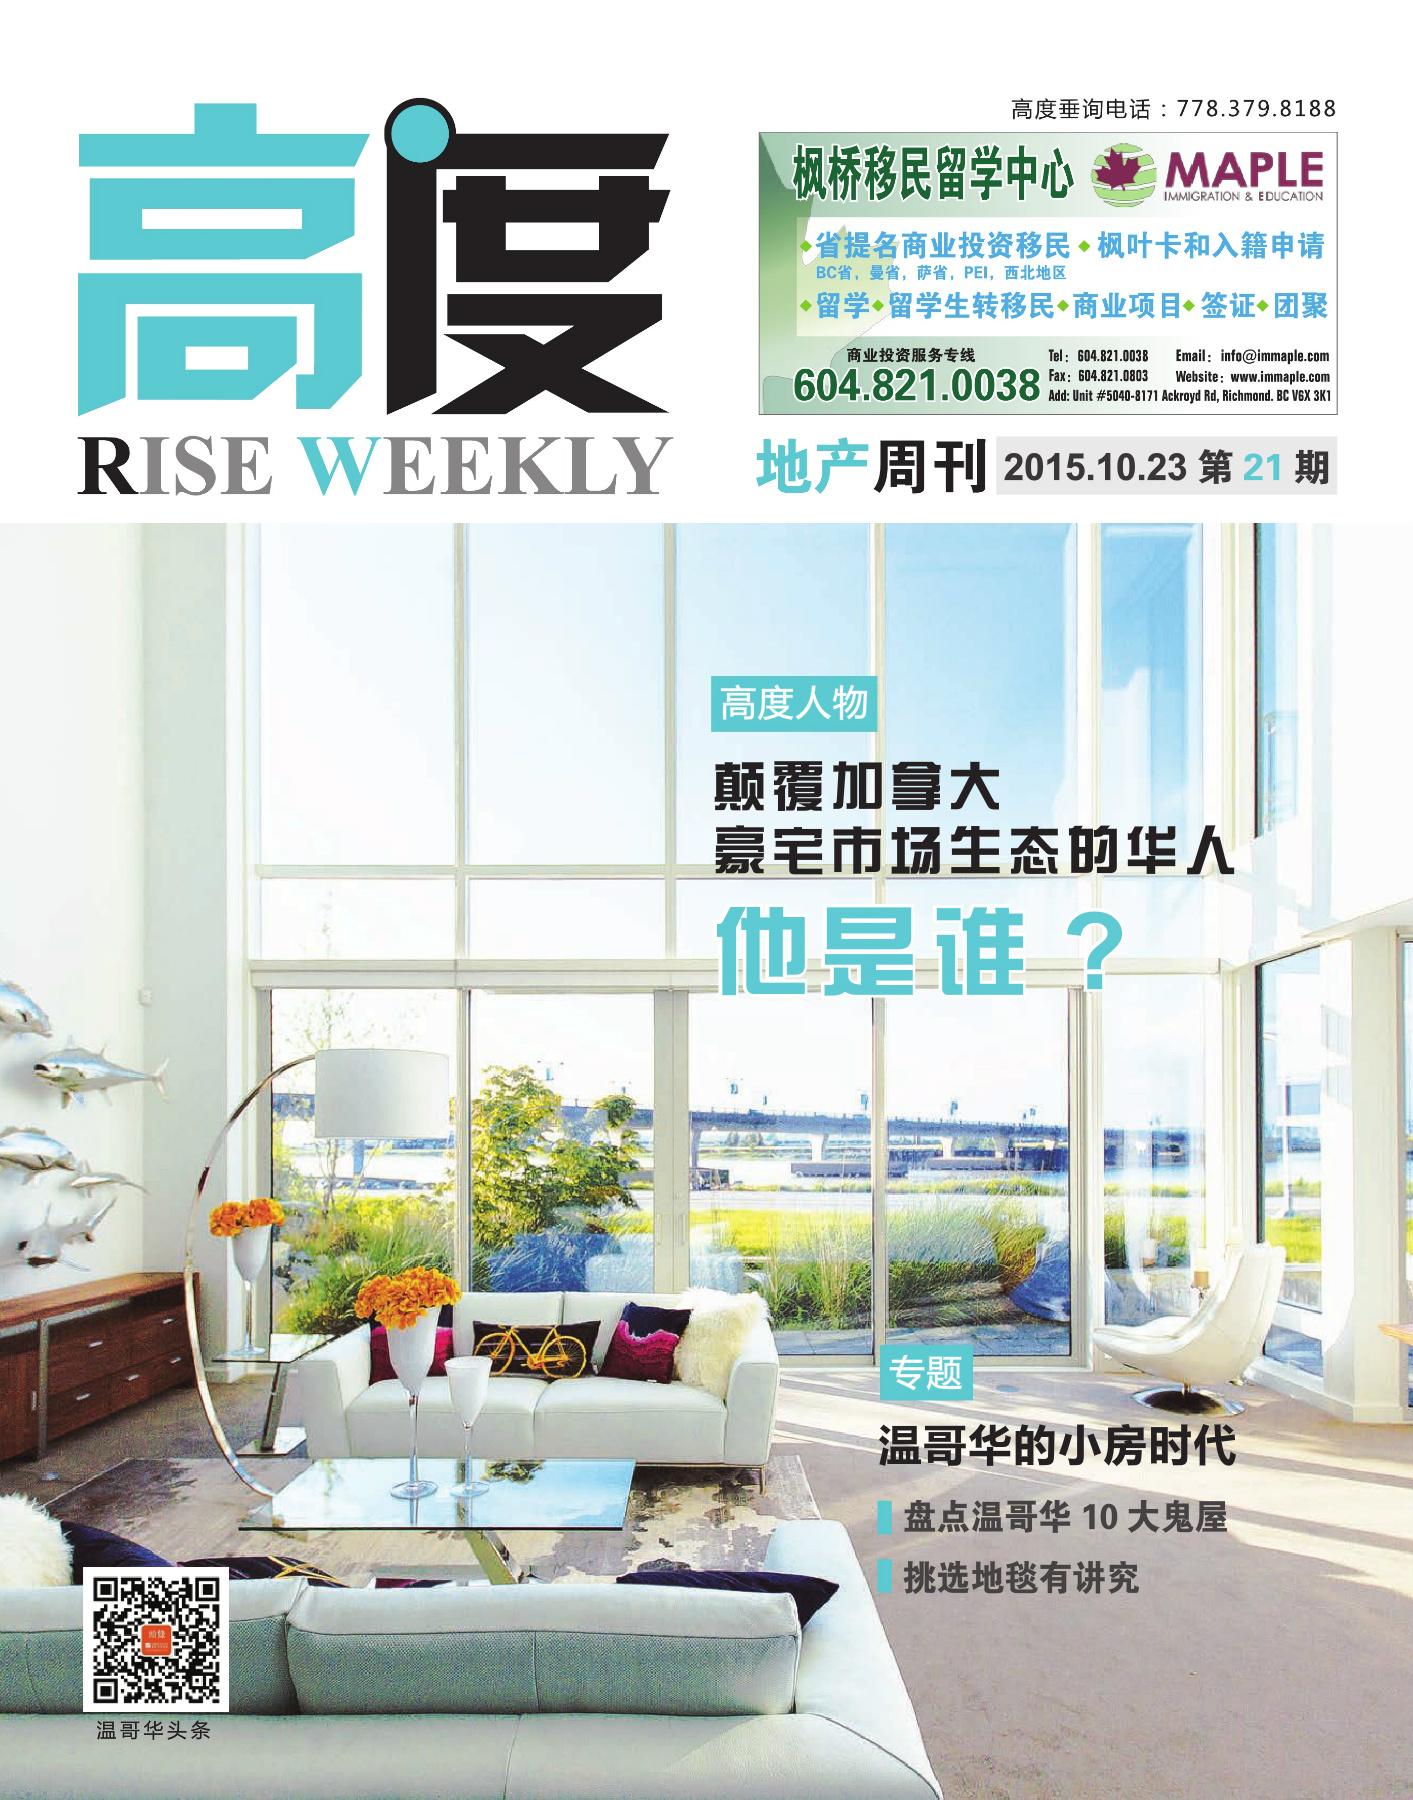 高度地产周刊 2015年10月23日 第21期